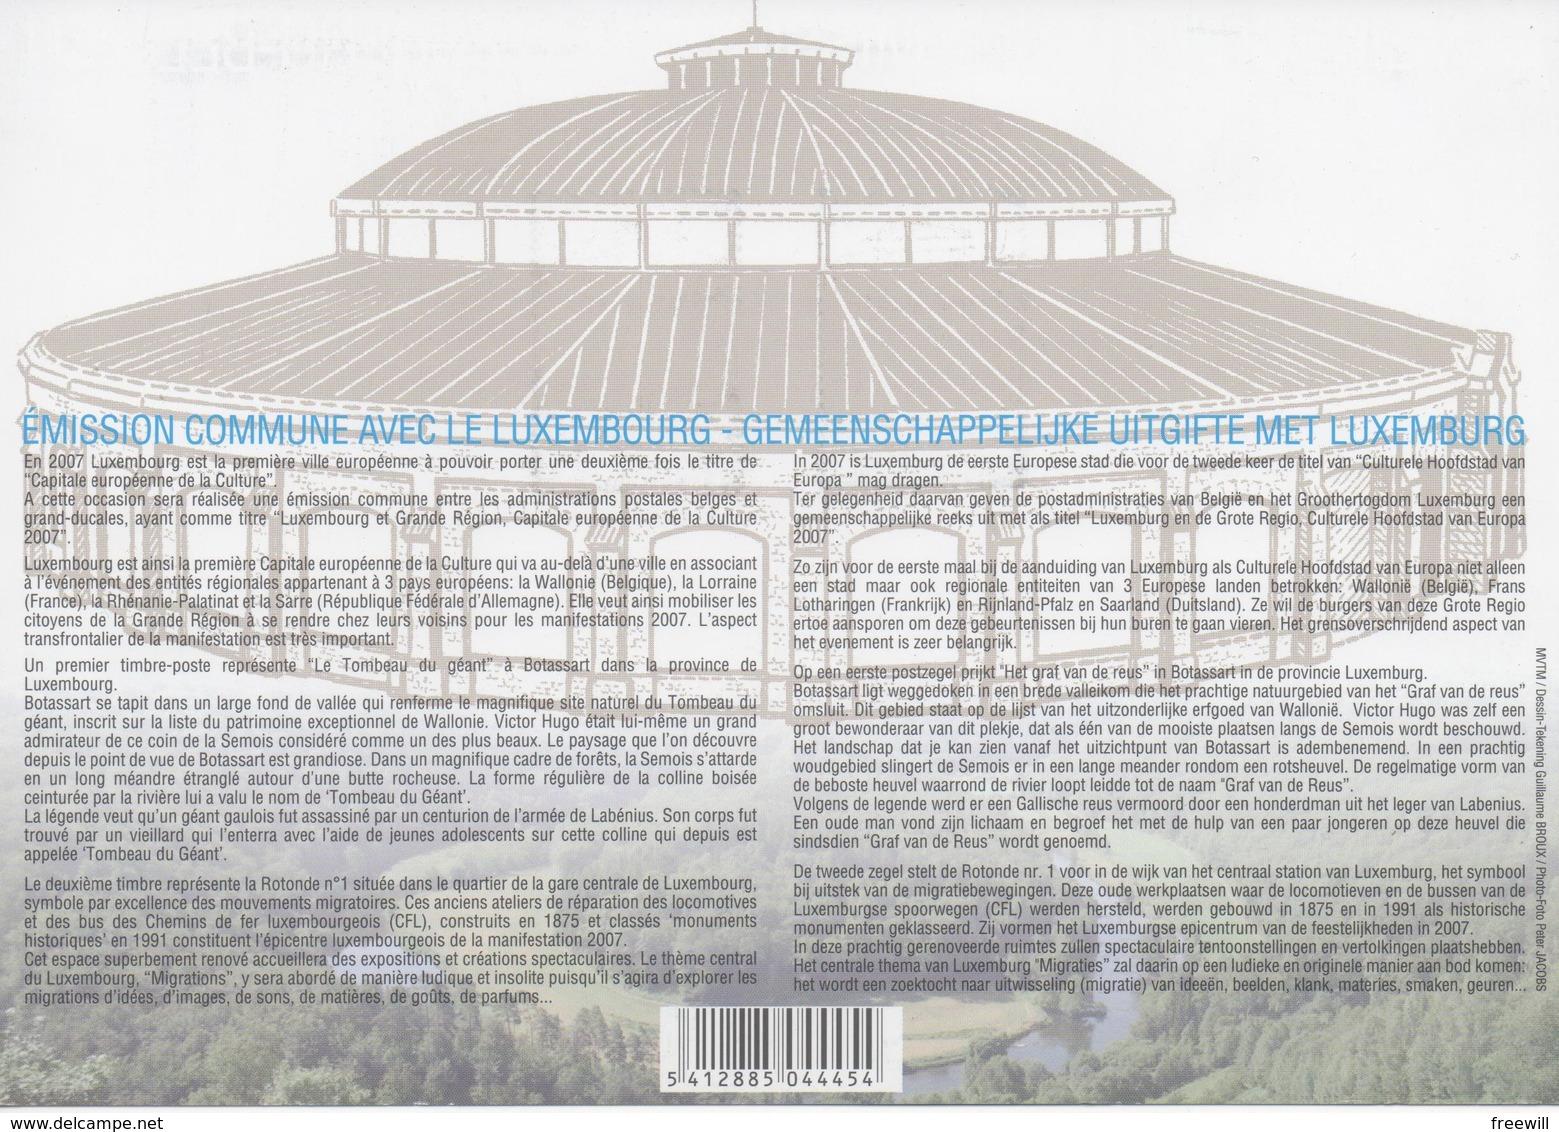 Emission Commune Avec Le Luxembourg - Documents De La Poste